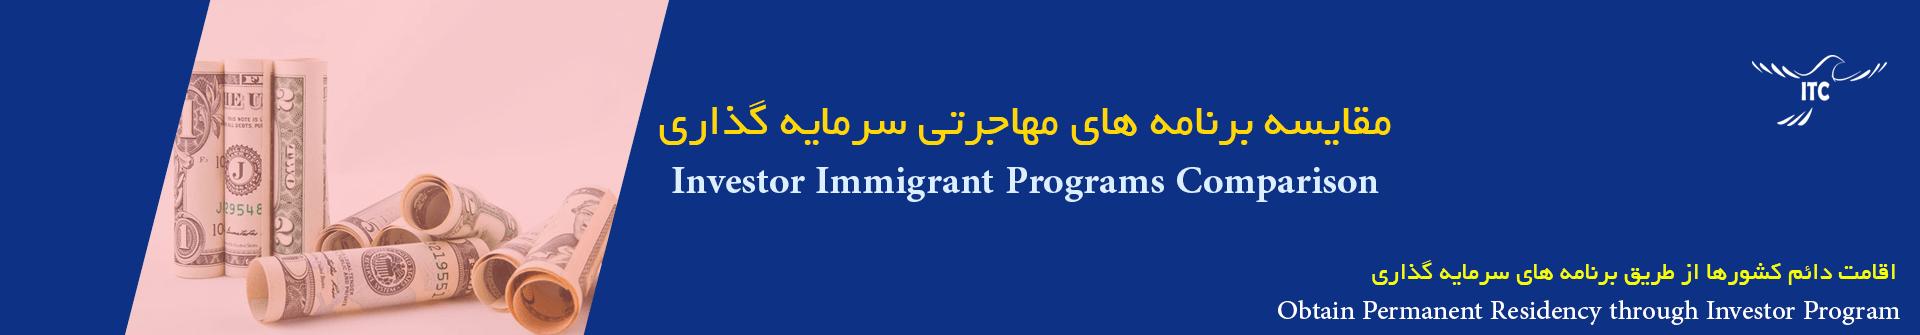 مقایسه برنامه های مهاجرتی سرمایه گذاری